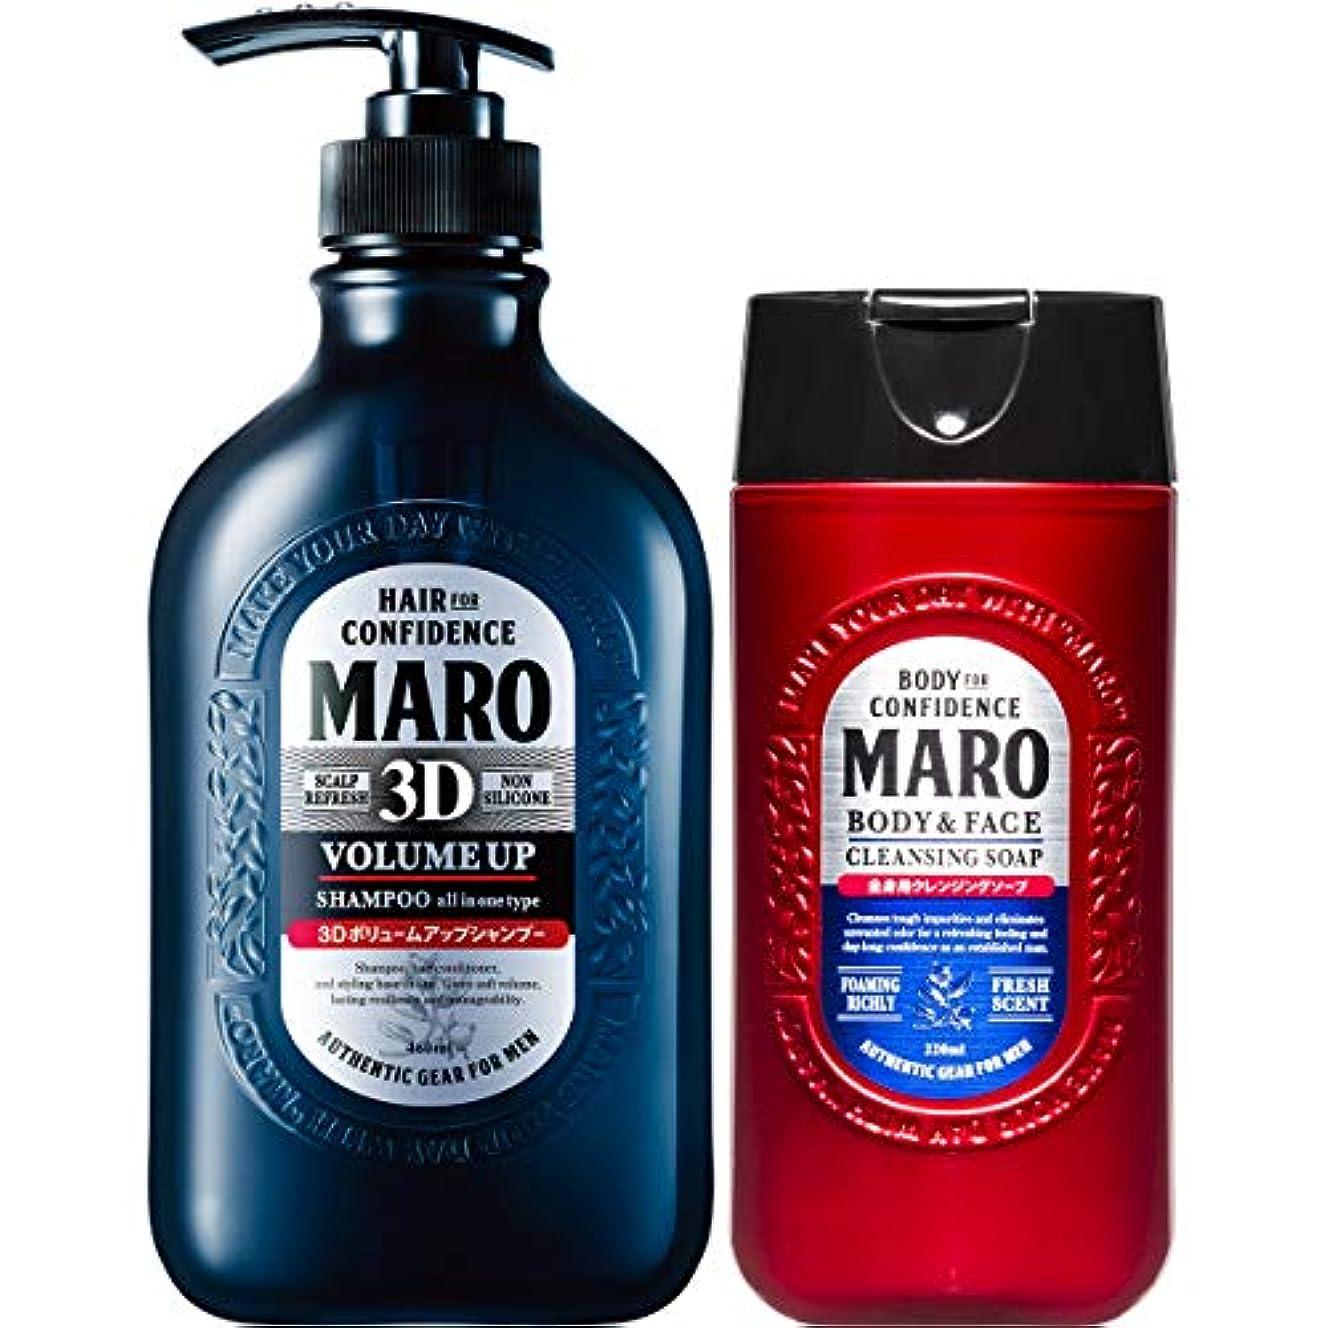 適切な空リークMARO(マーロ) ボリュームアップシャンプー、クレンジングソープ 本体 460ml+クレンジングソープ220ml